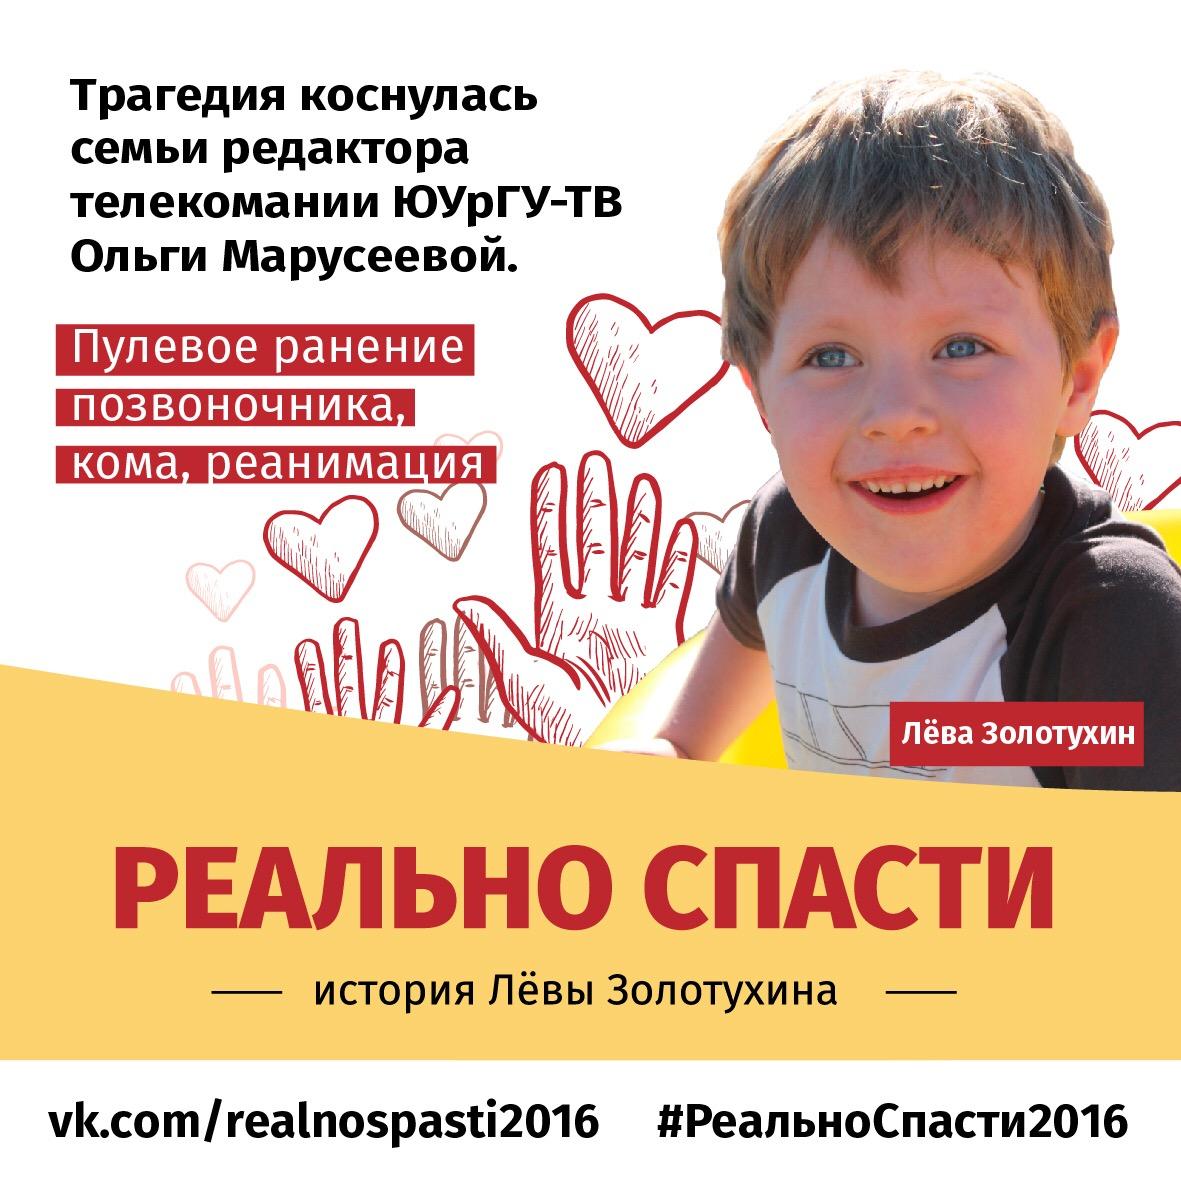 Трагедия в семье произошла 1 октября 2016 года. Мальчик играл с дедушкой в Еманжелинске. Дедушка